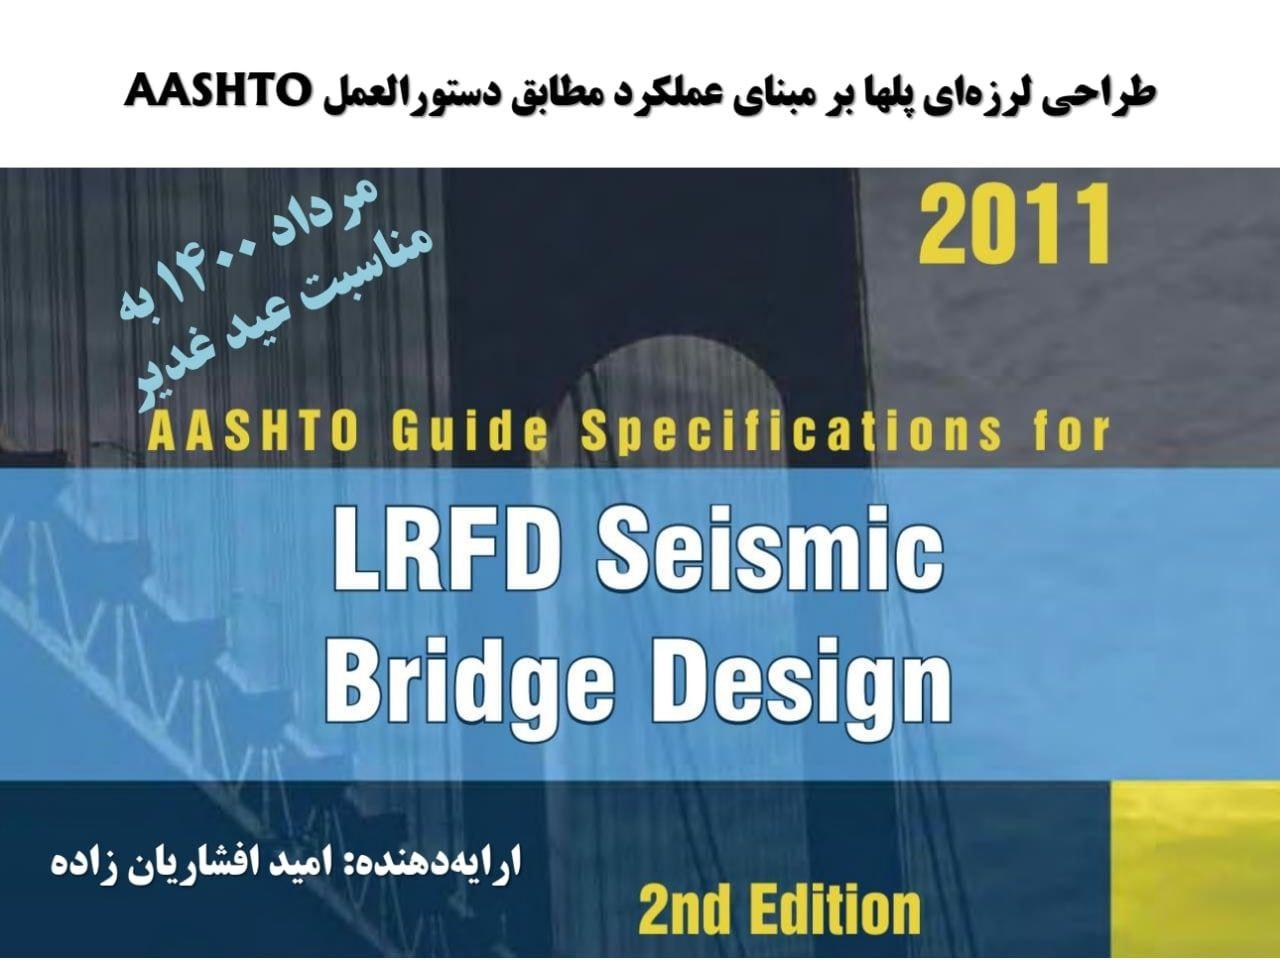 وبینار طراحی لرزه ای پلها بر مبنای عملکرد